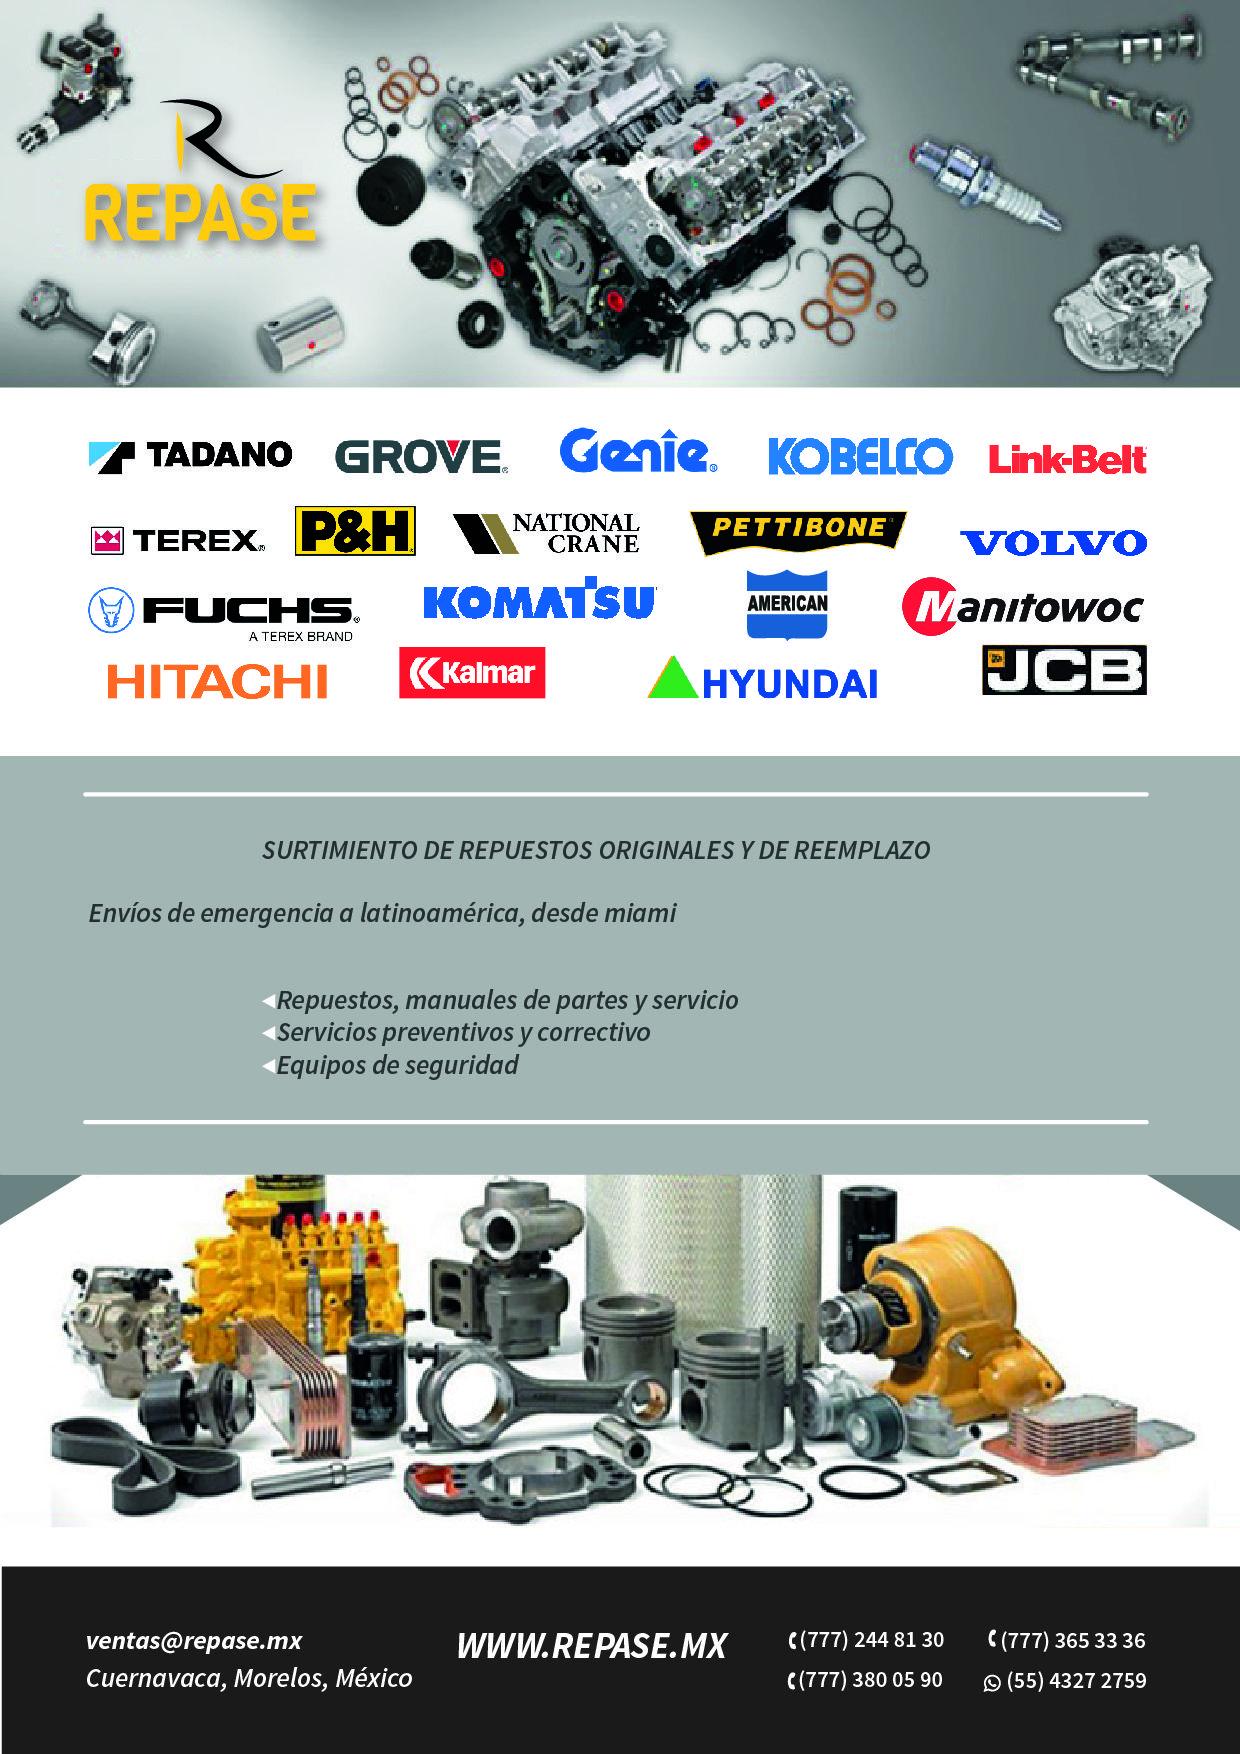 3a0e263db IMPORTAMOS Y COMERCIALIZAMOS Componentes y Refacciones para Gruas  Industriales, Equipo Portuario, Minero y Maquinaria